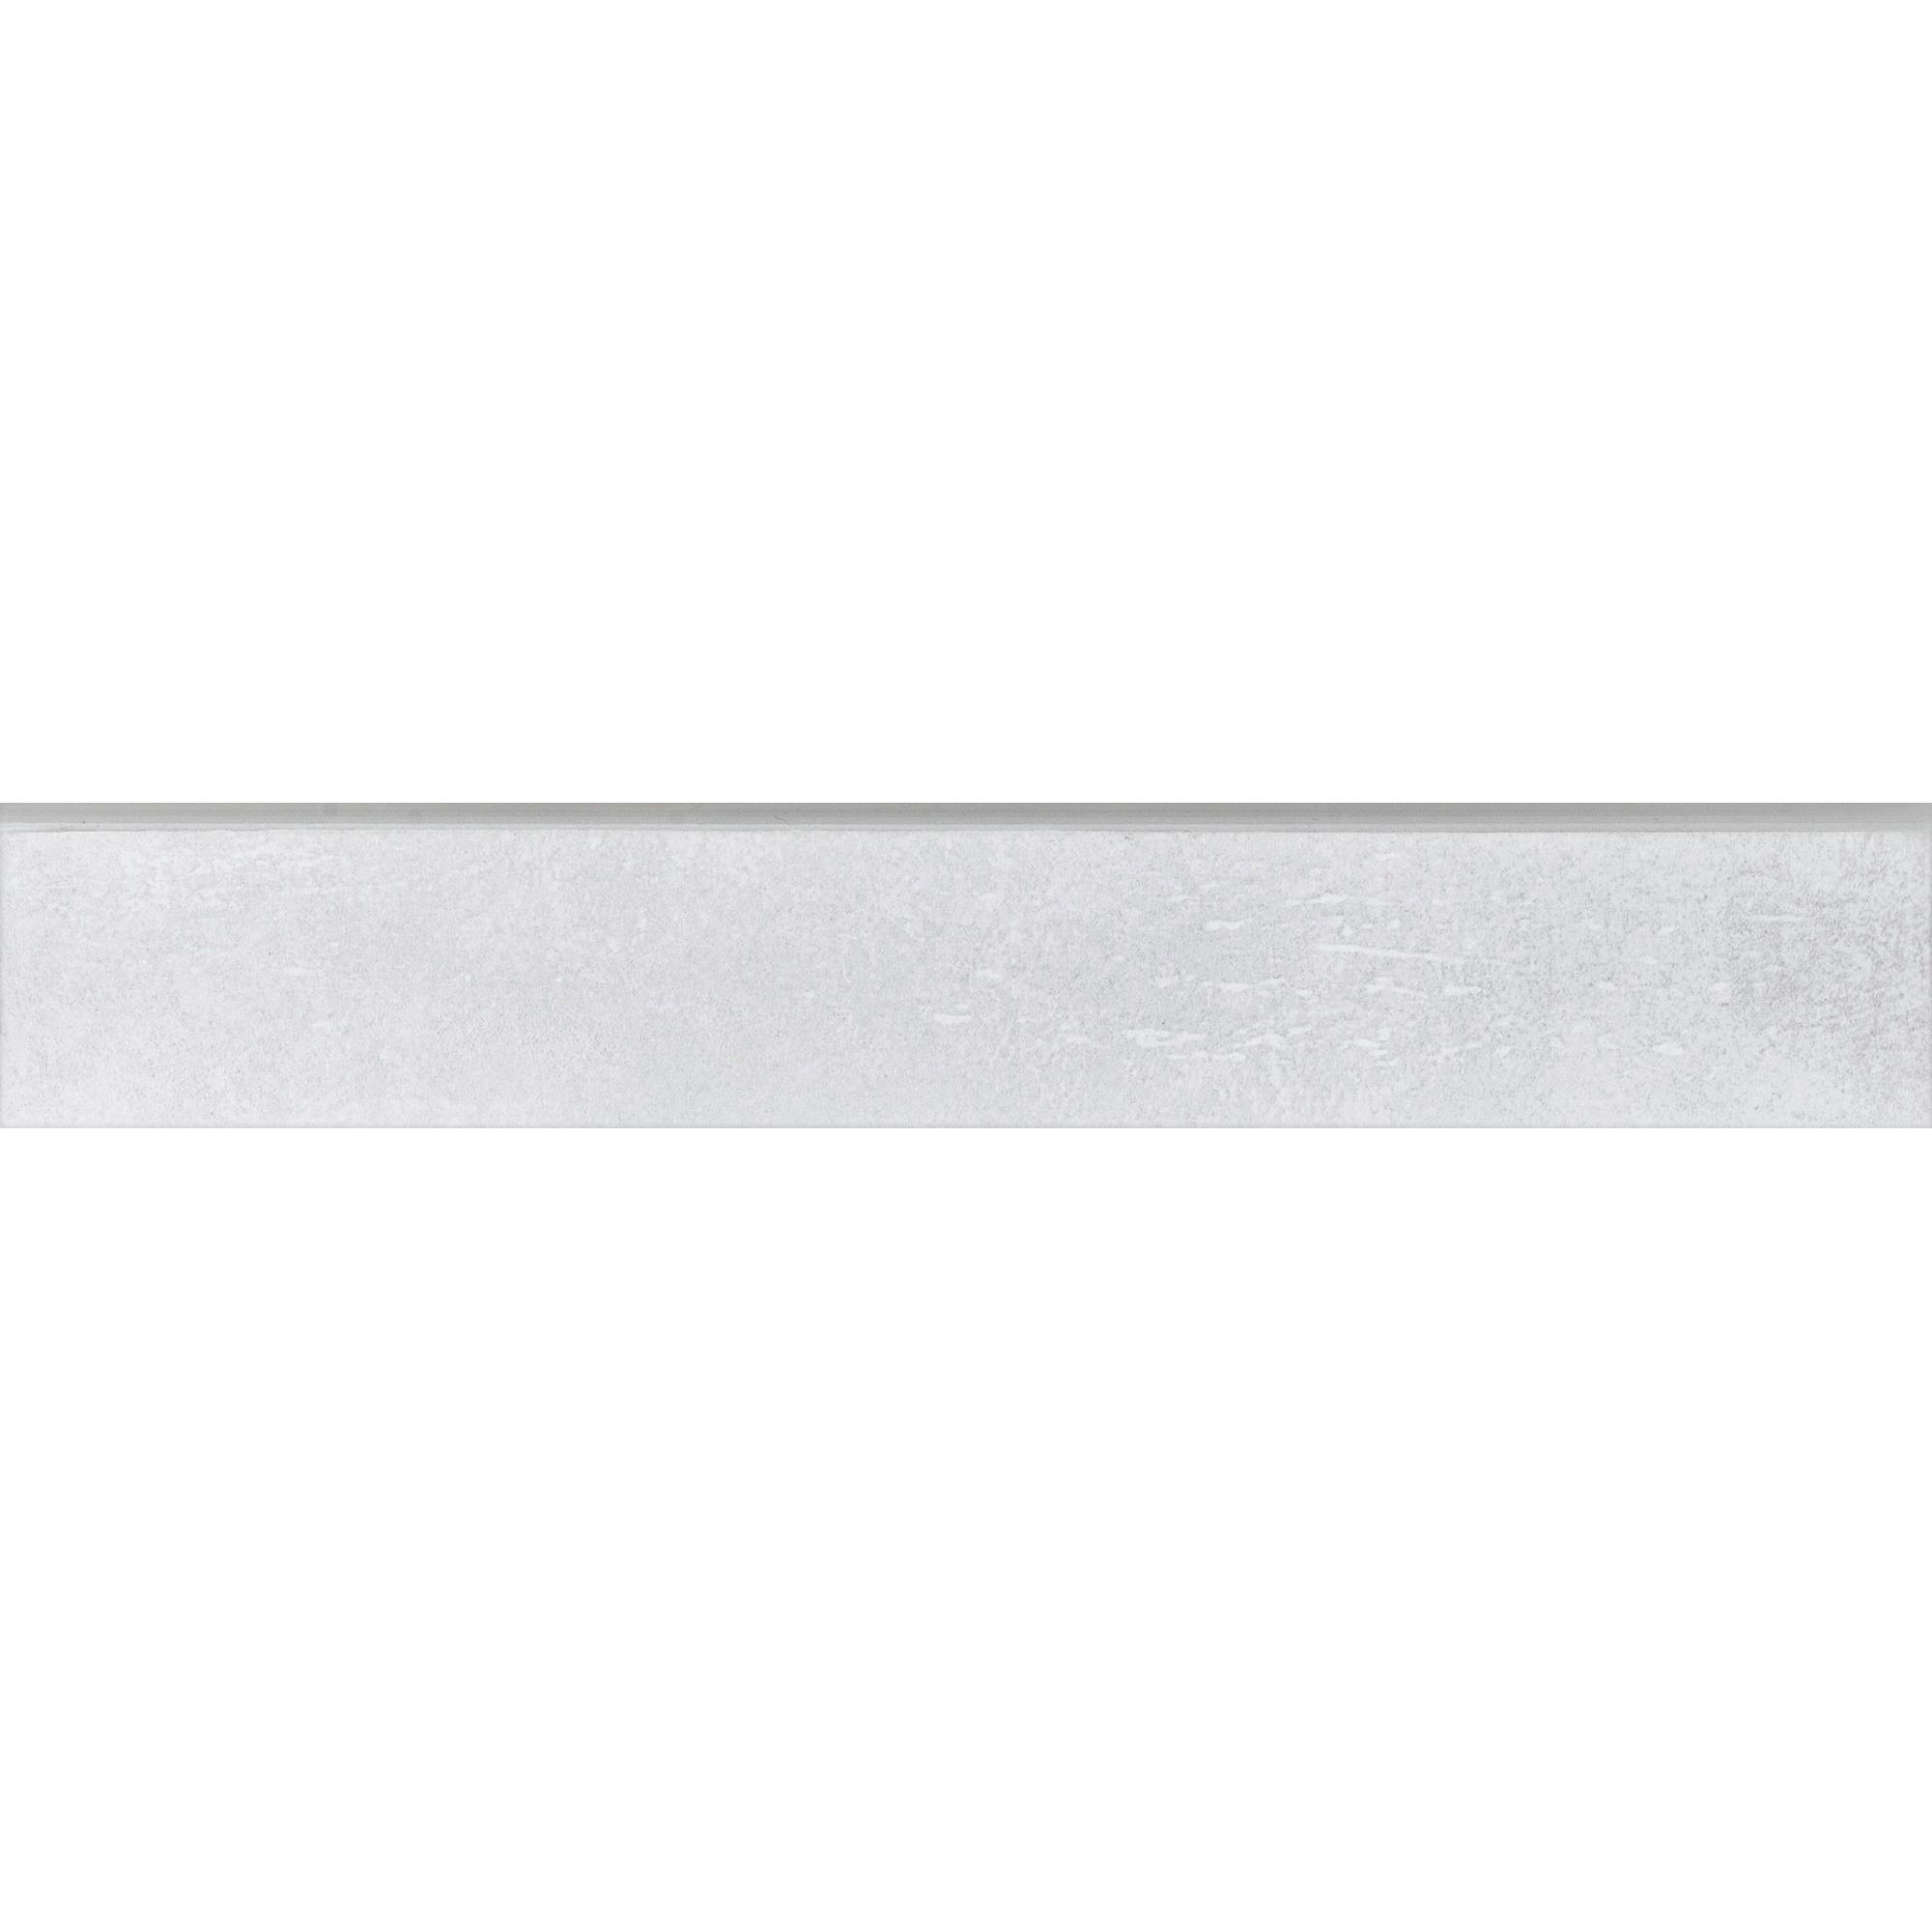 плинтус Bianco (zlxf1318) изображение 0